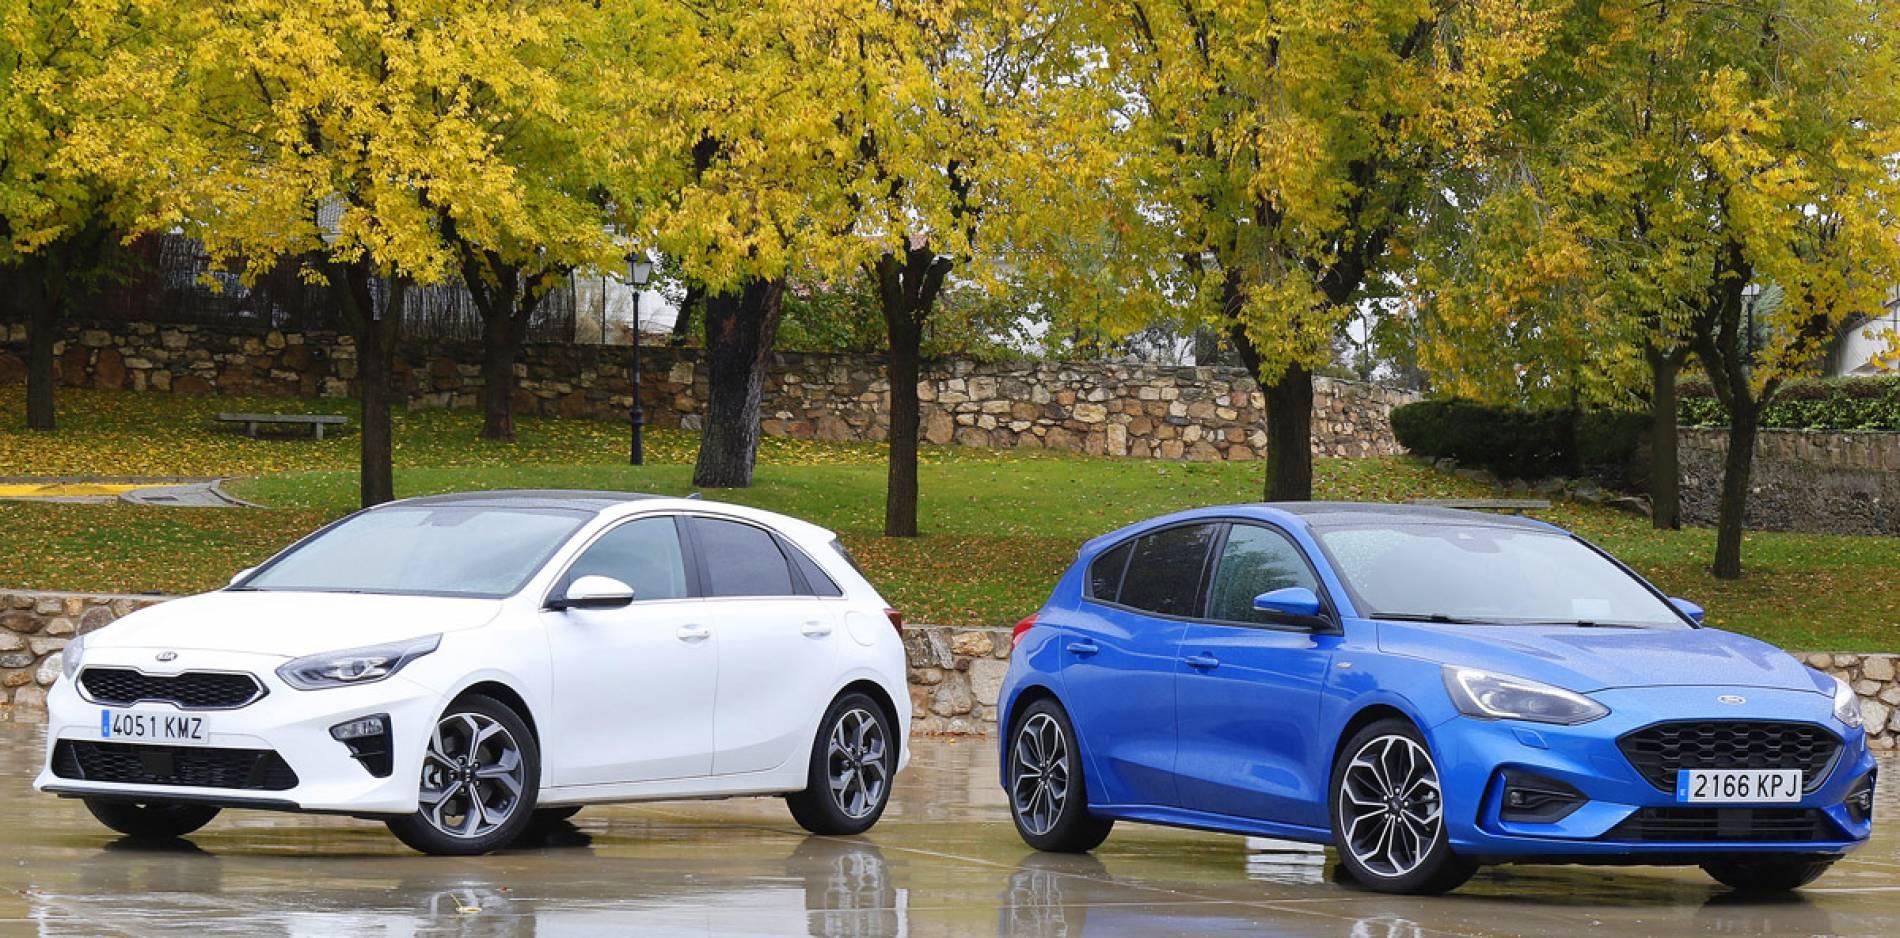 Ford Focus y Kia Ceed frente a frente, los últimos serán los primeros